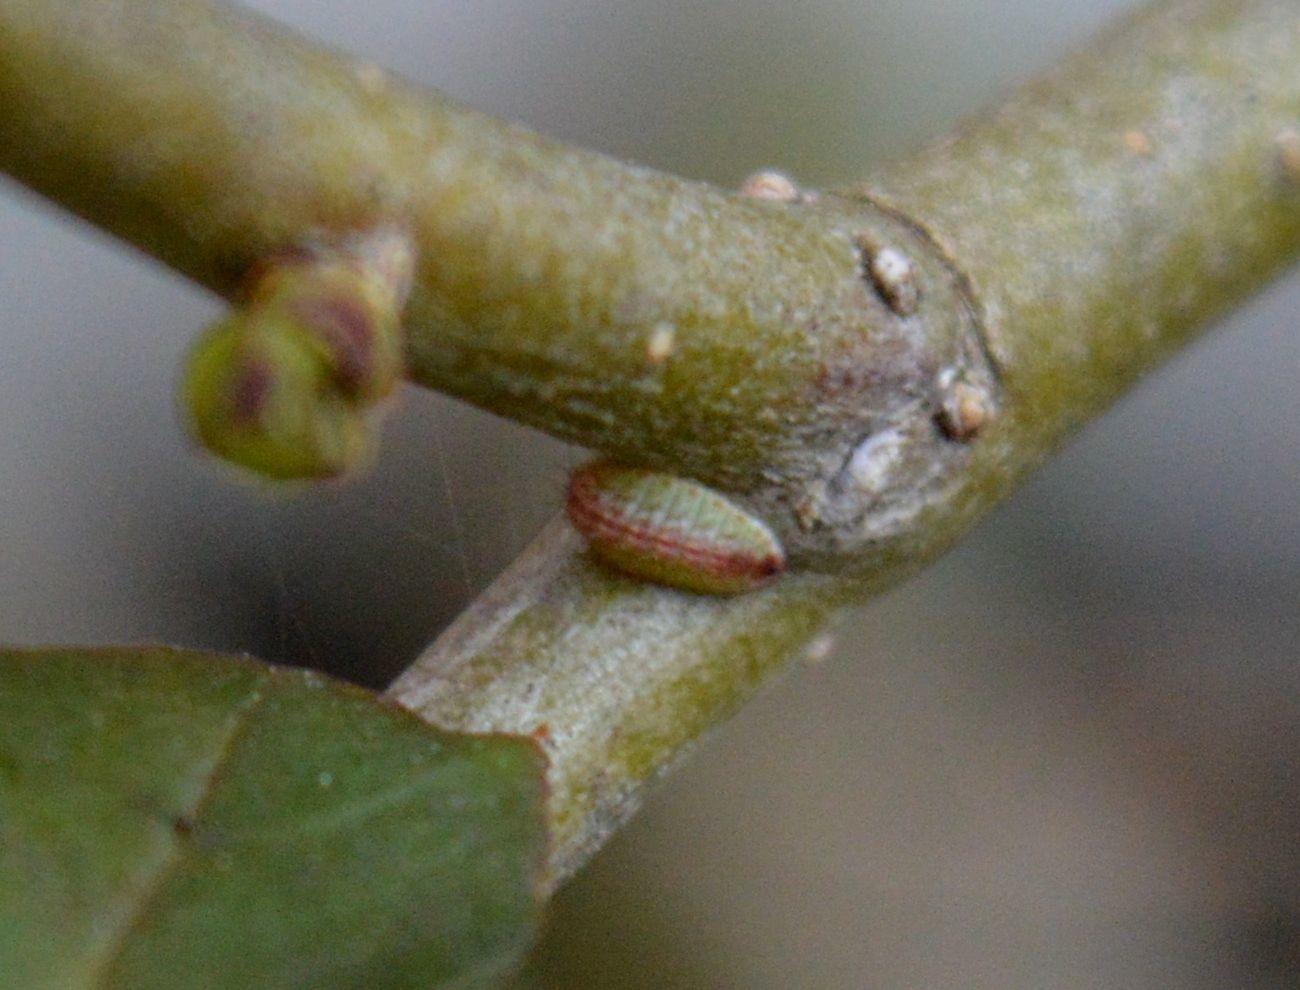 ウラゴマダラシジミの幼虫 3月16日_d0254540_07371288.jpg